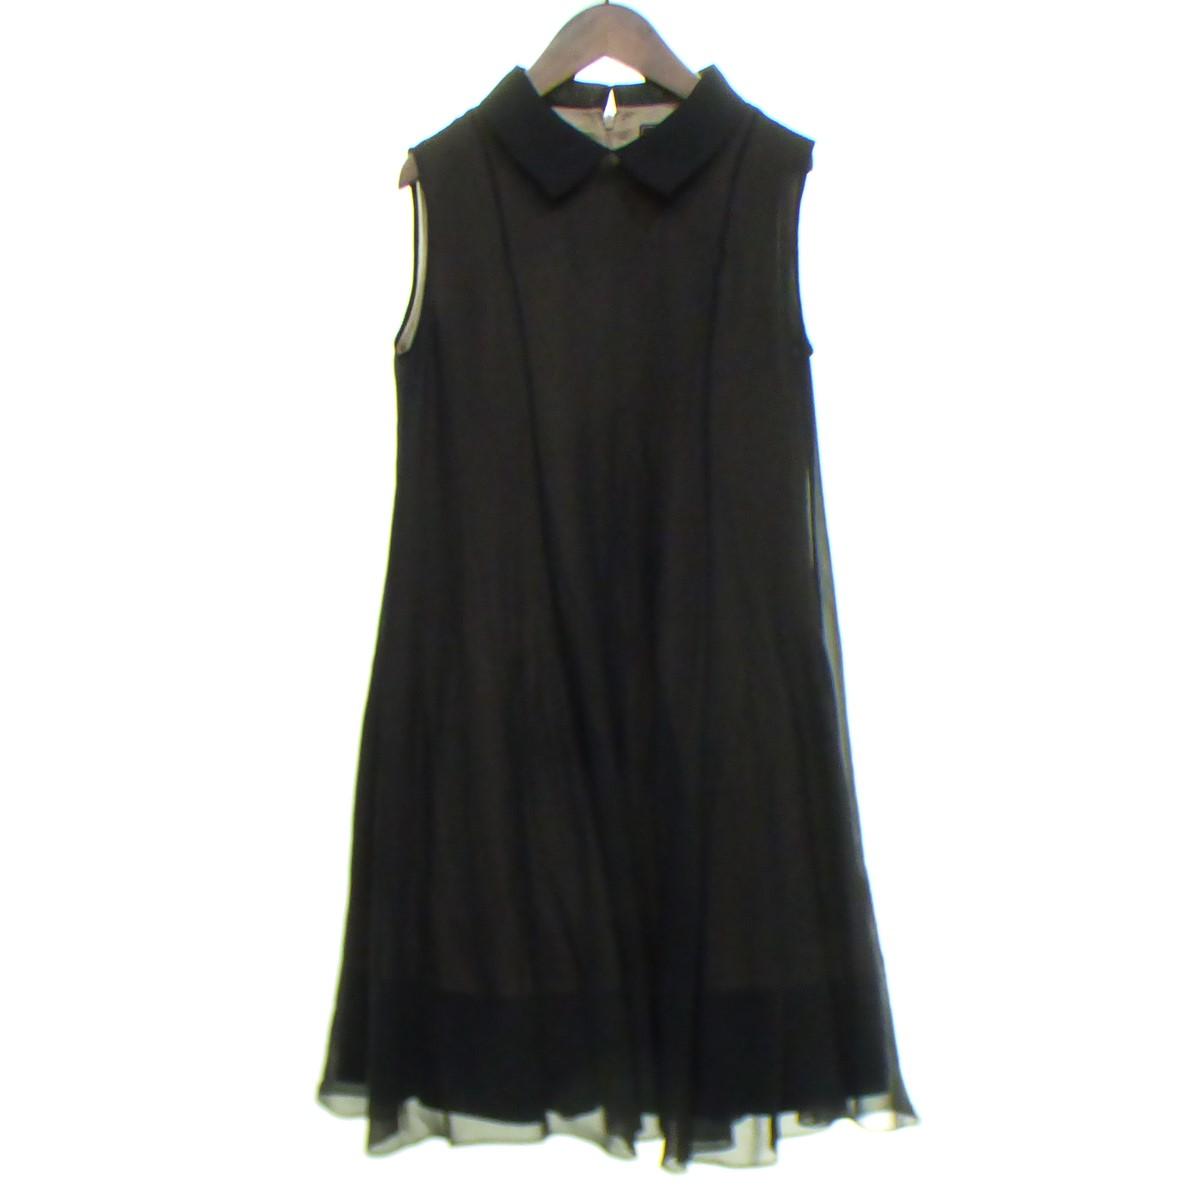 【中古】FOXEY 【2018】 Dress/Chalotte ドレスワンピース ブラック サイズ:38 【180420】(フォクシー)